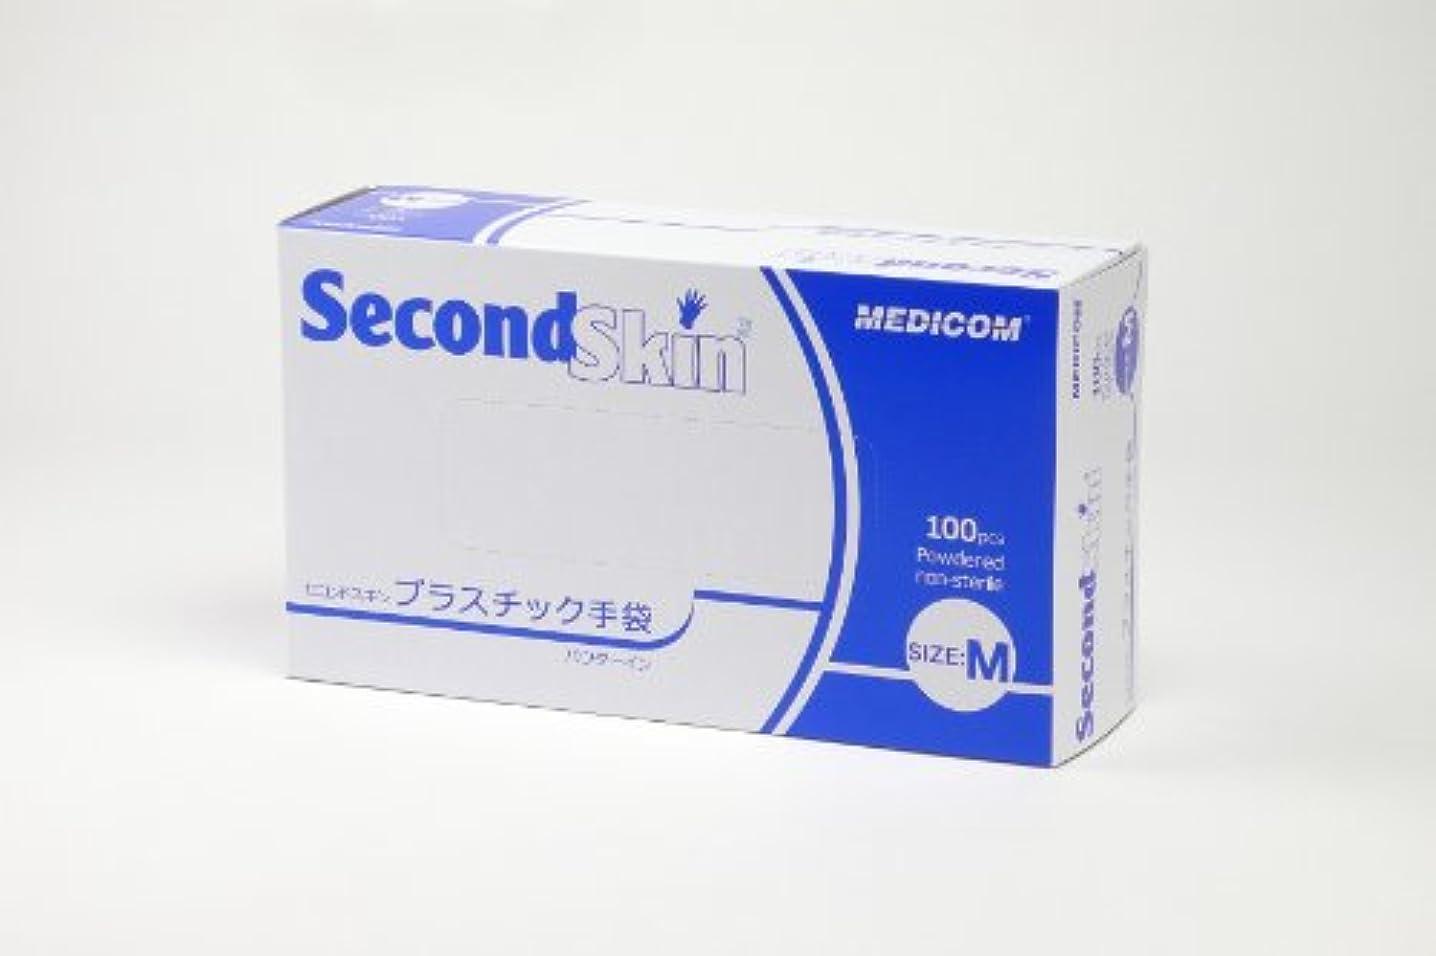 火失業スリムセコンドスキン プラスチック手袋 Mサイズ 100枚入